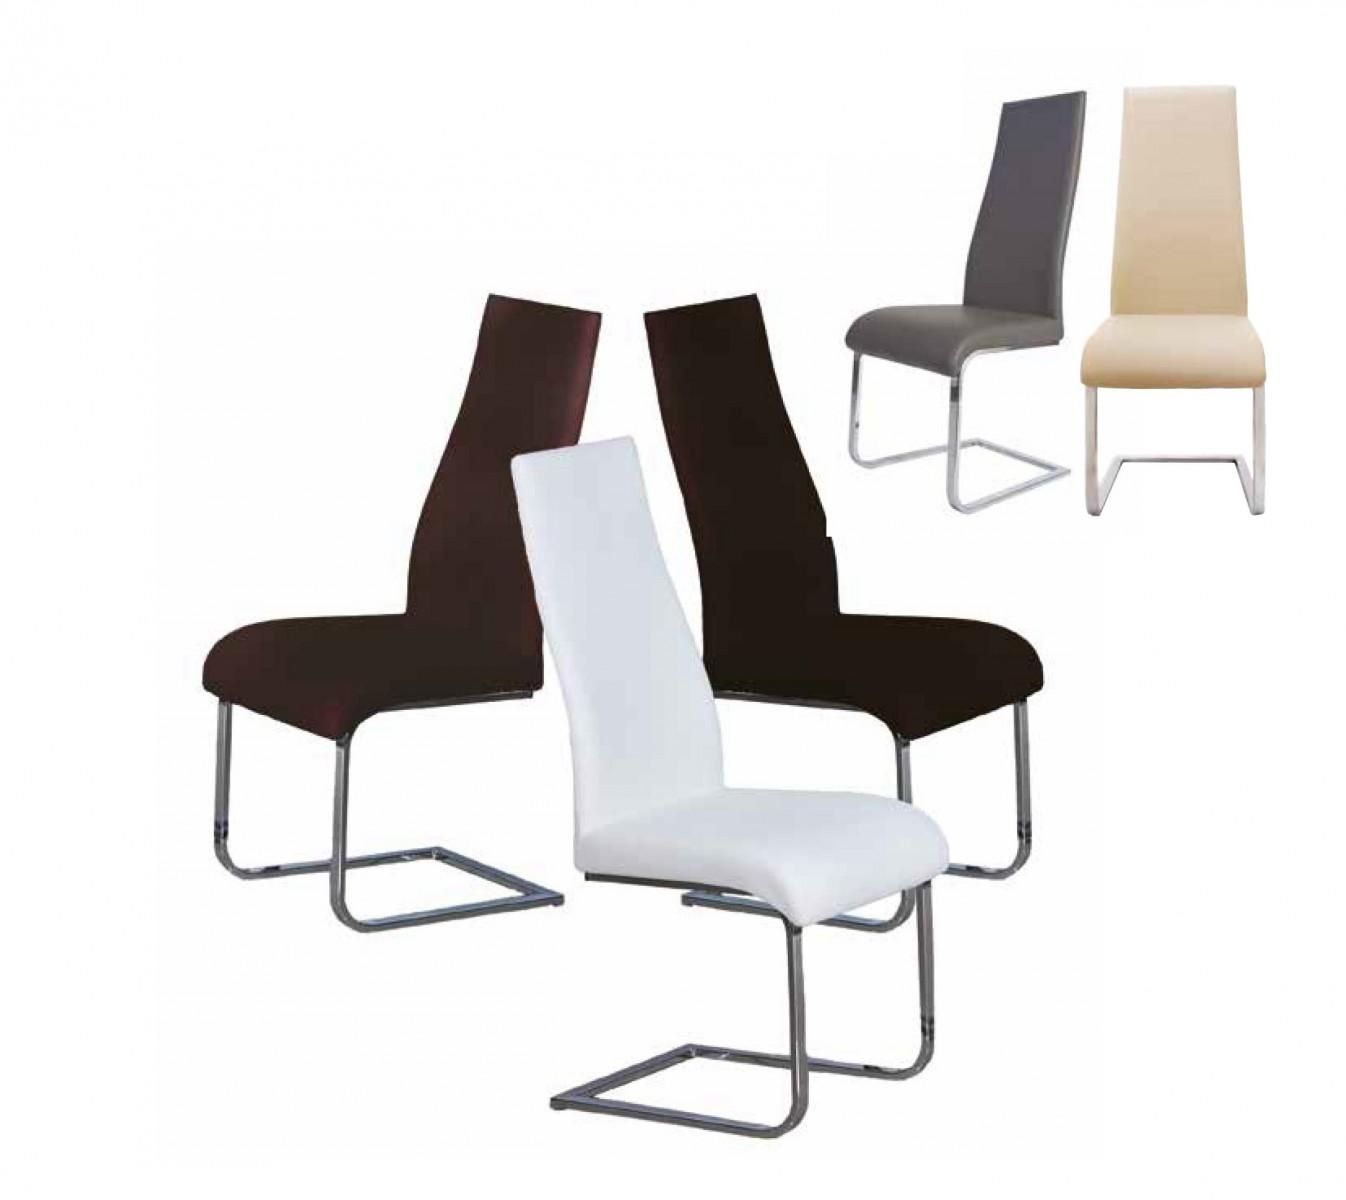 Sillas Modernas   Mesa Y Sillas Modernas 2 Muebles Belda